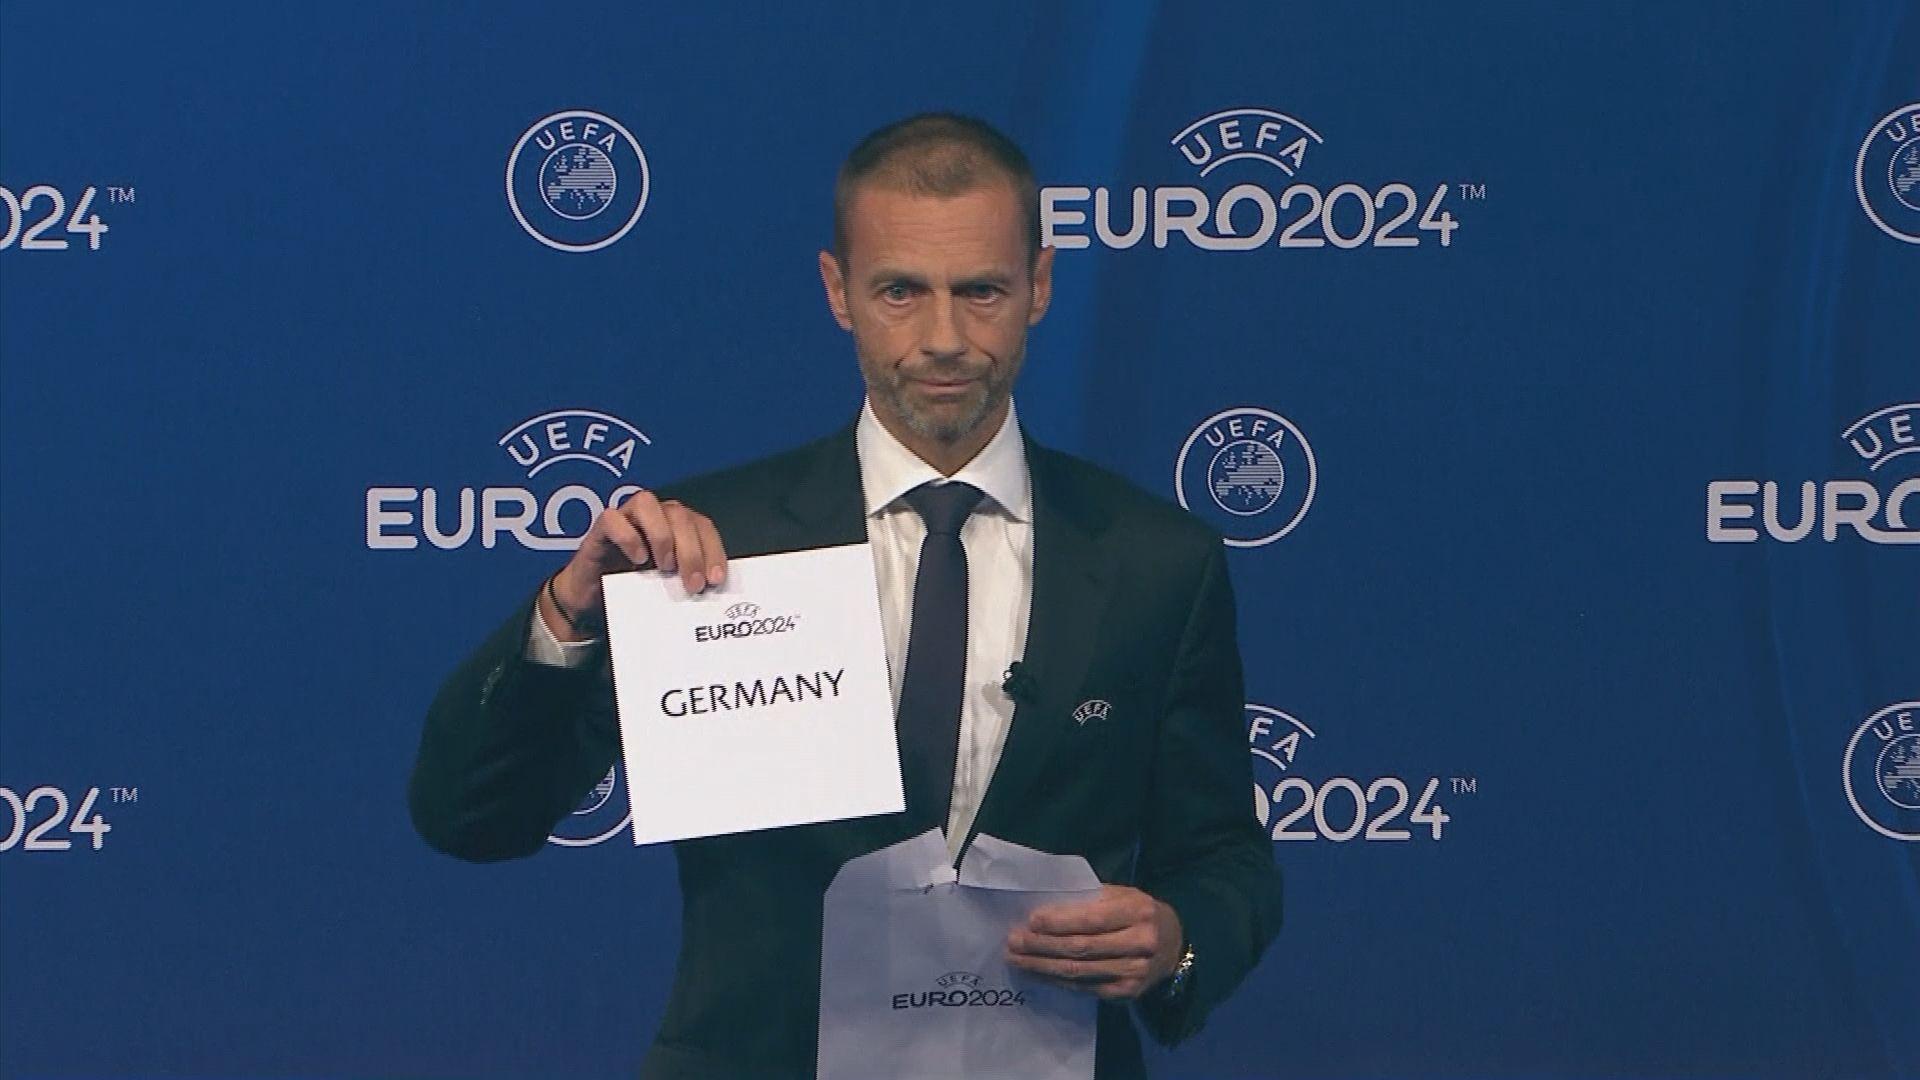 德國奪2024歐國盃主辦權